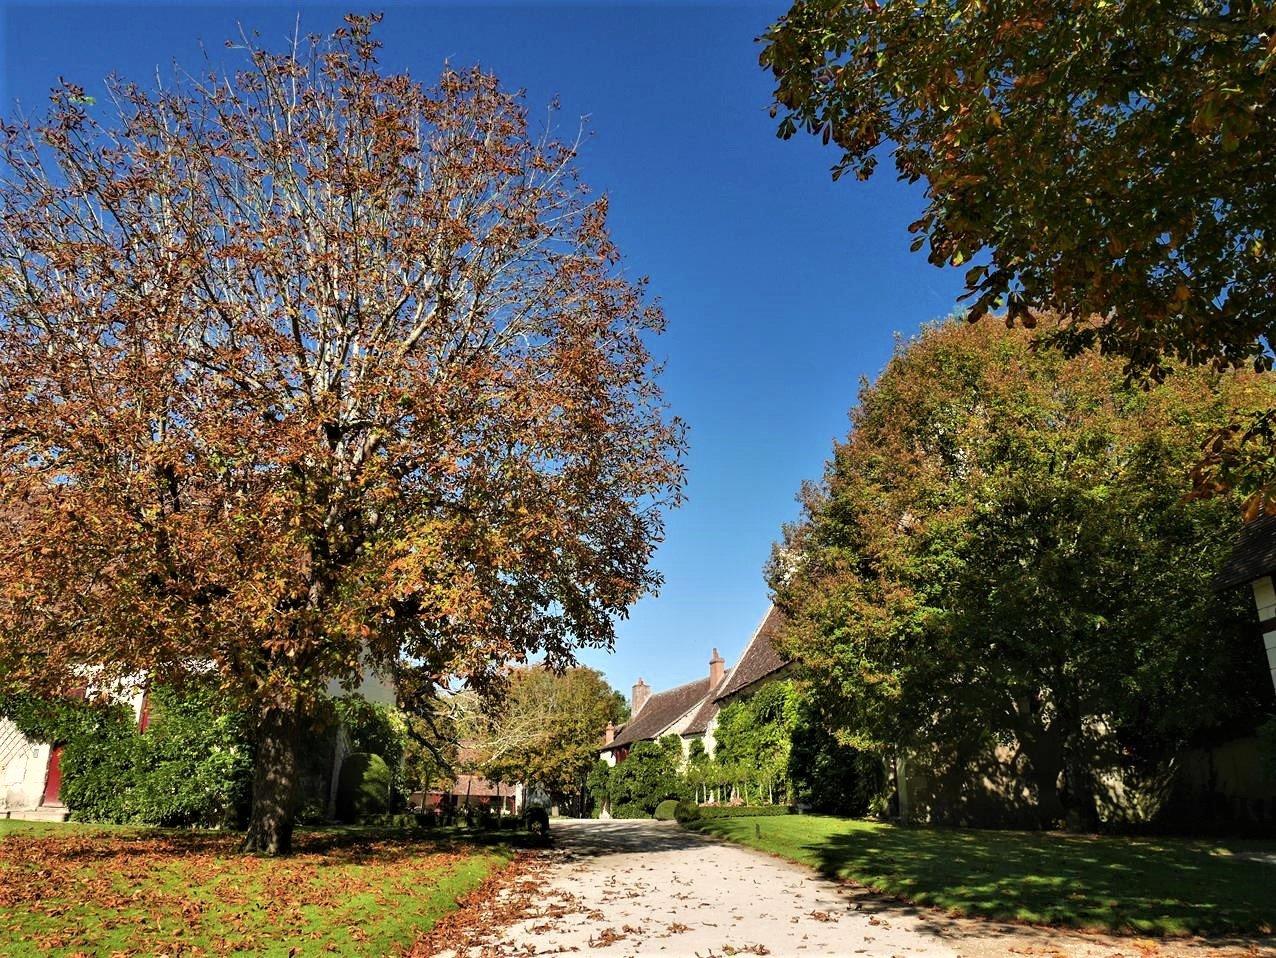 舍農索城堡16世紀農莊